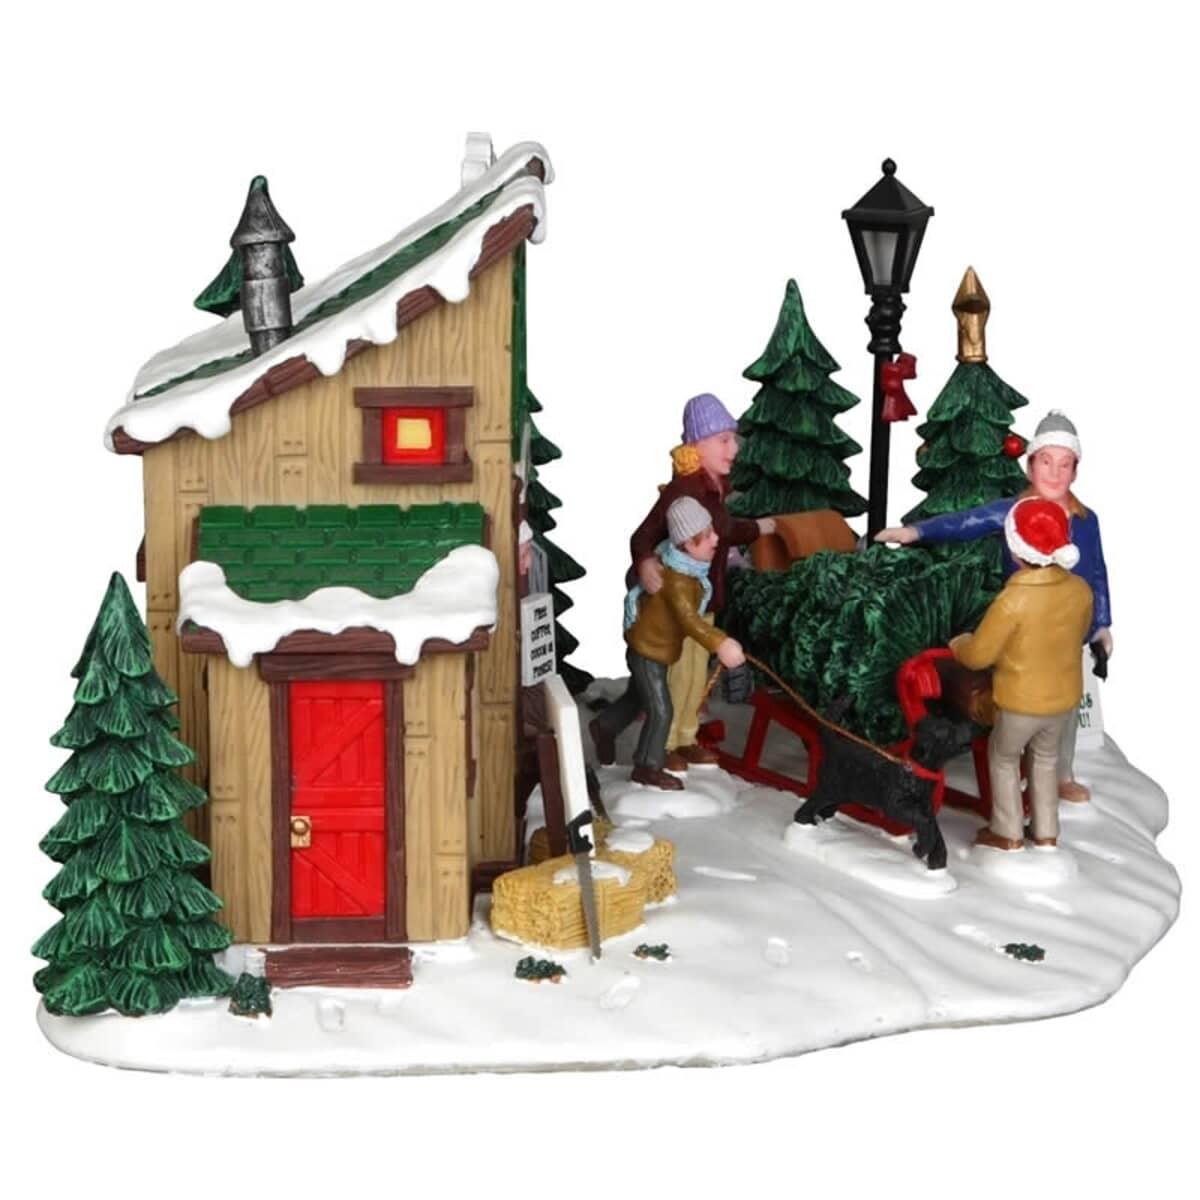 Krueger Christmas Tree Farm: Kriss Christmas Tree Farm